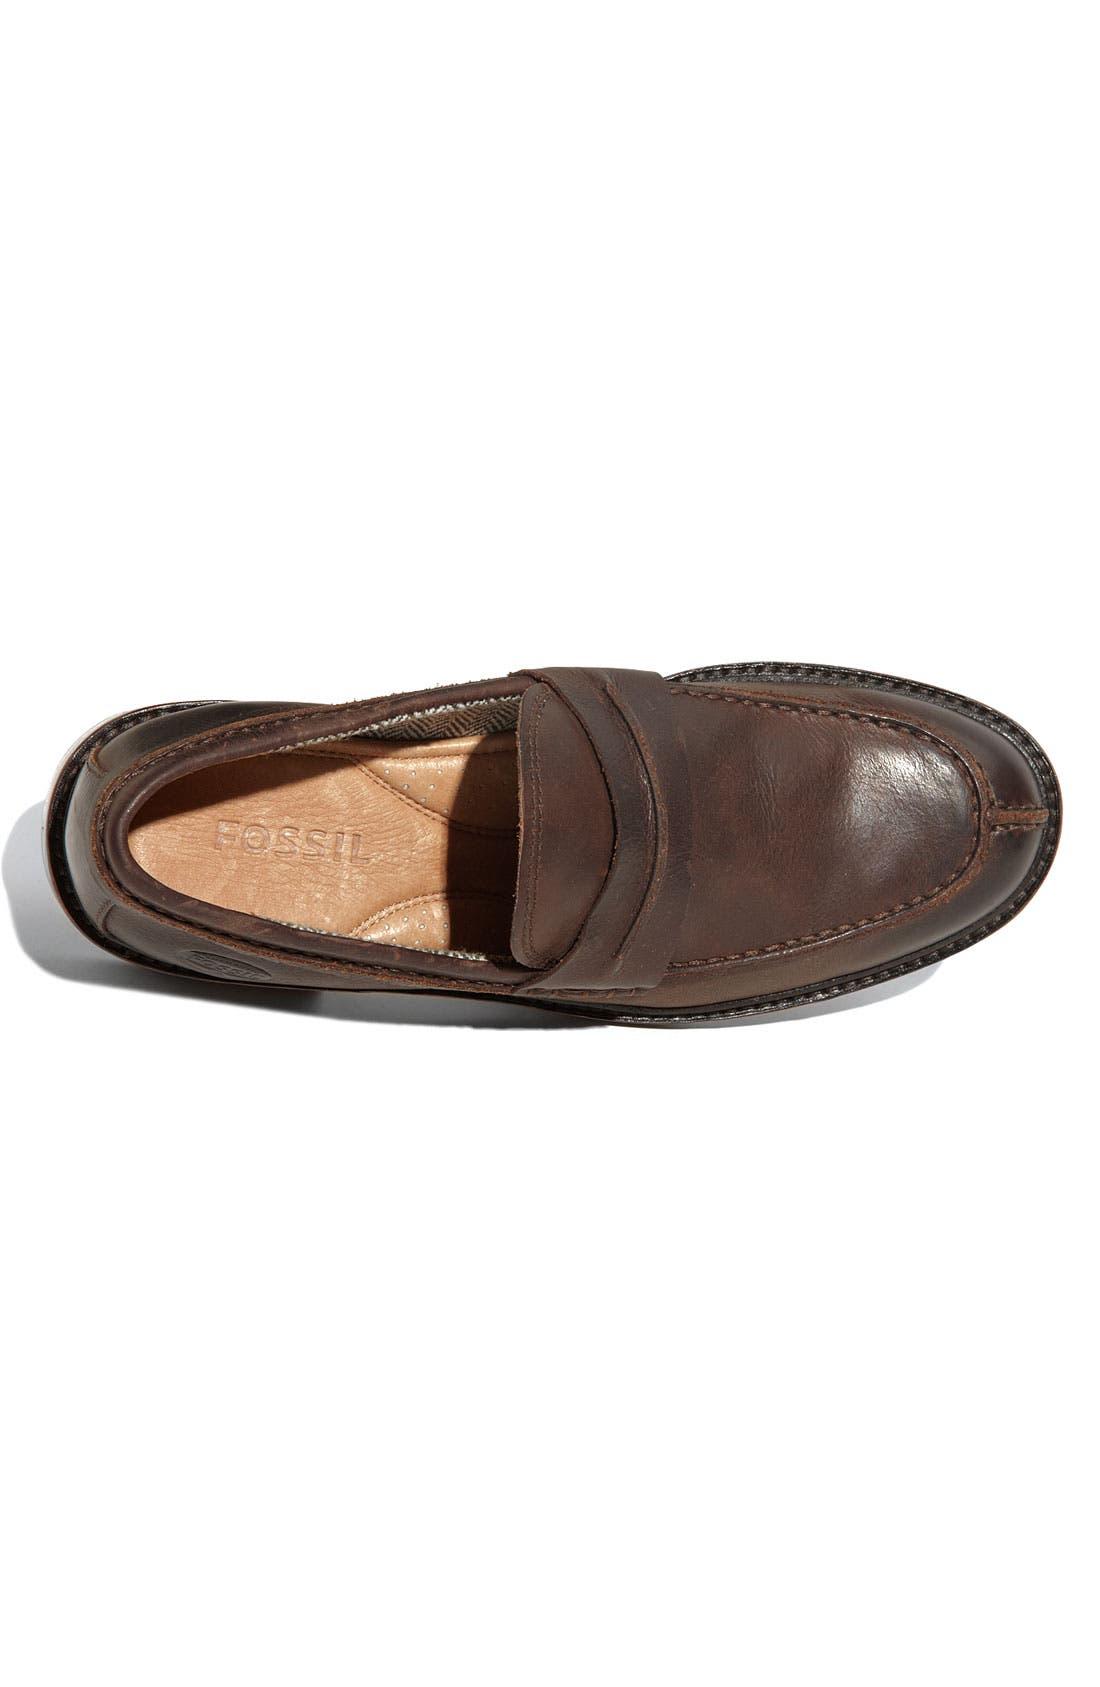 Alternate Image 2  - Fossil 'Jarred' Loafer